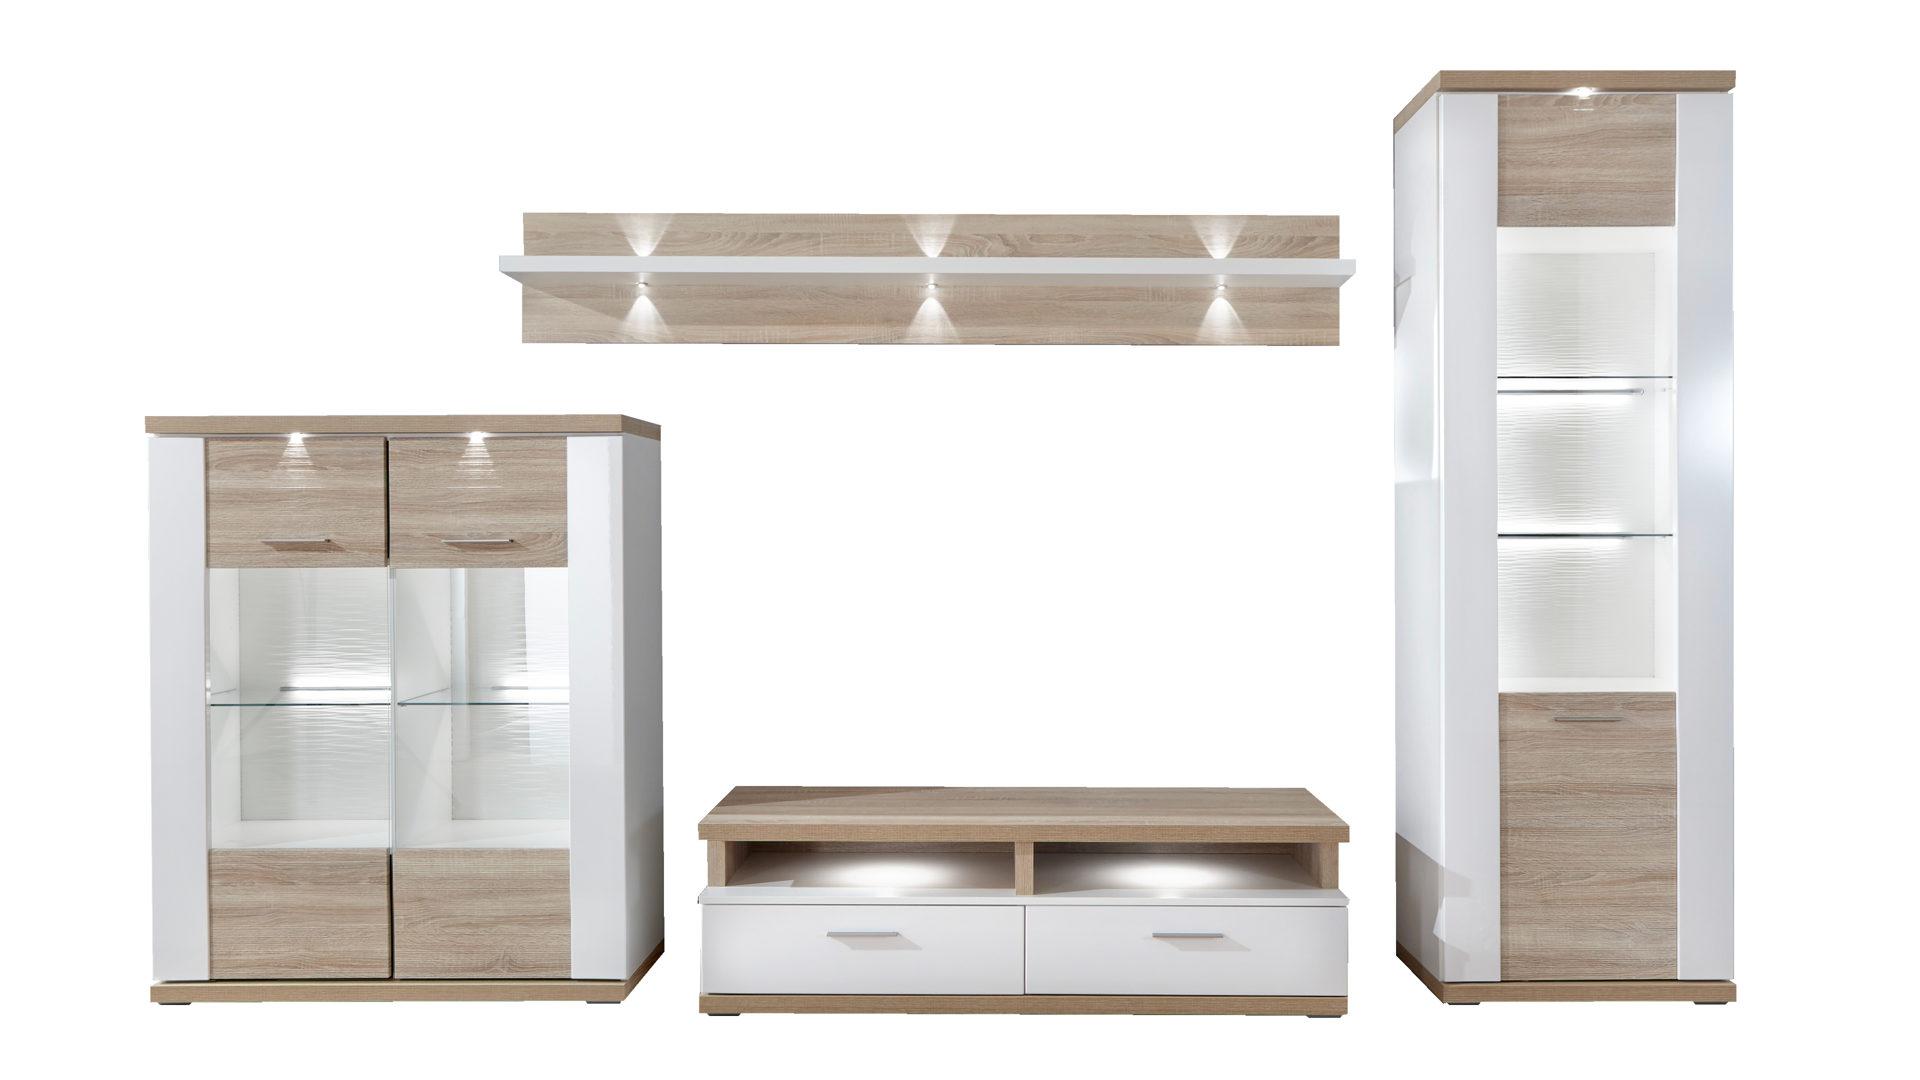 Möbel Steffens Küchen möbel steffens lamstedt möbel a z wohnkombination wohnwand mit